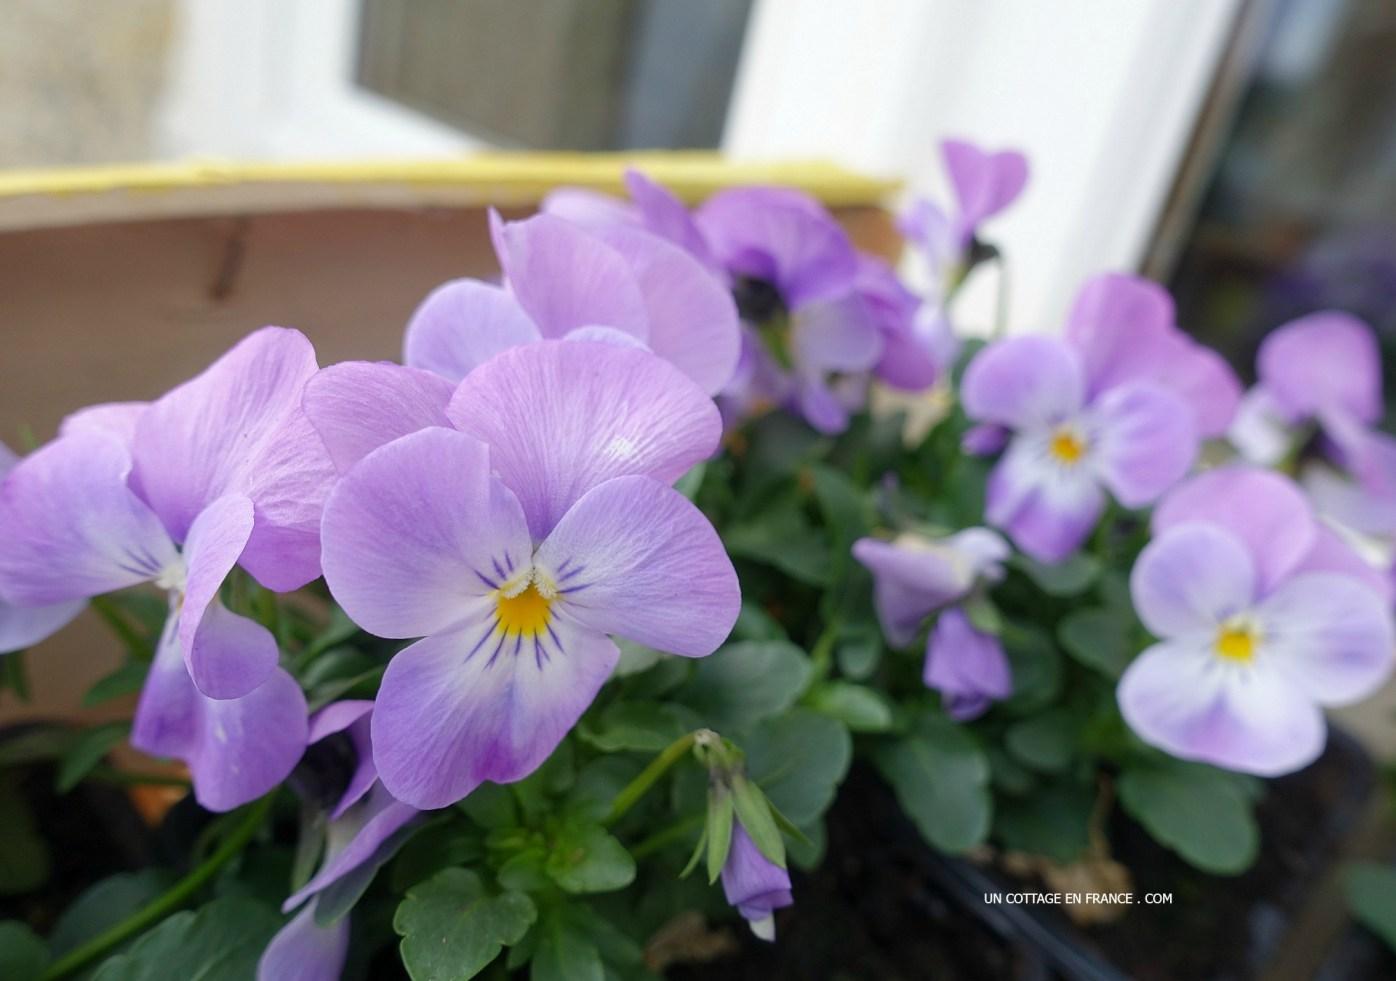 Blog maison et jardin, cottage de france